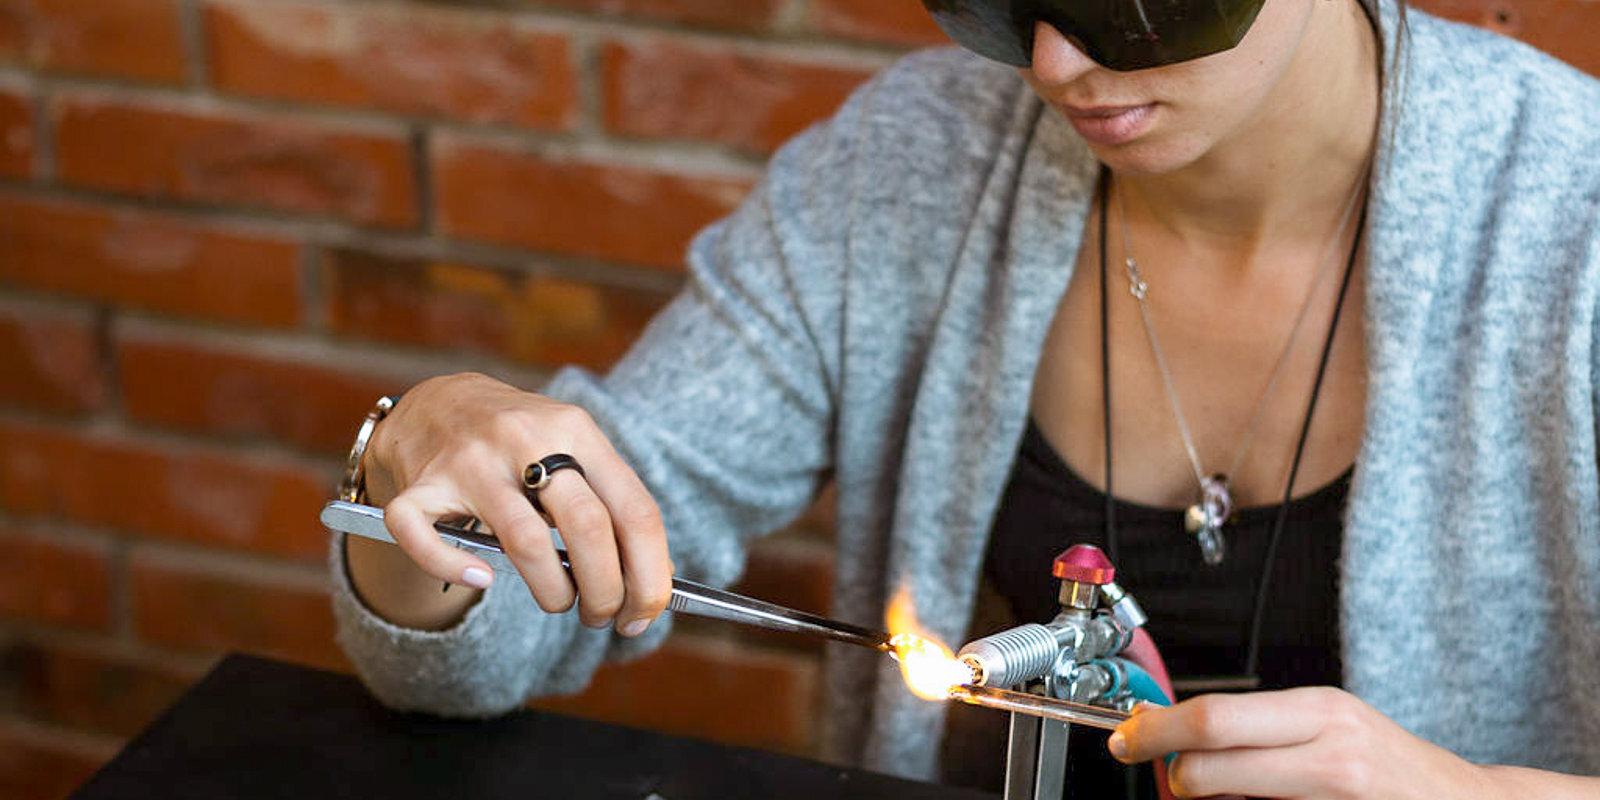 Spēlēties ar uguni vistiešākajā nozīmē: kā Ieva no stikla rada rotaslietas